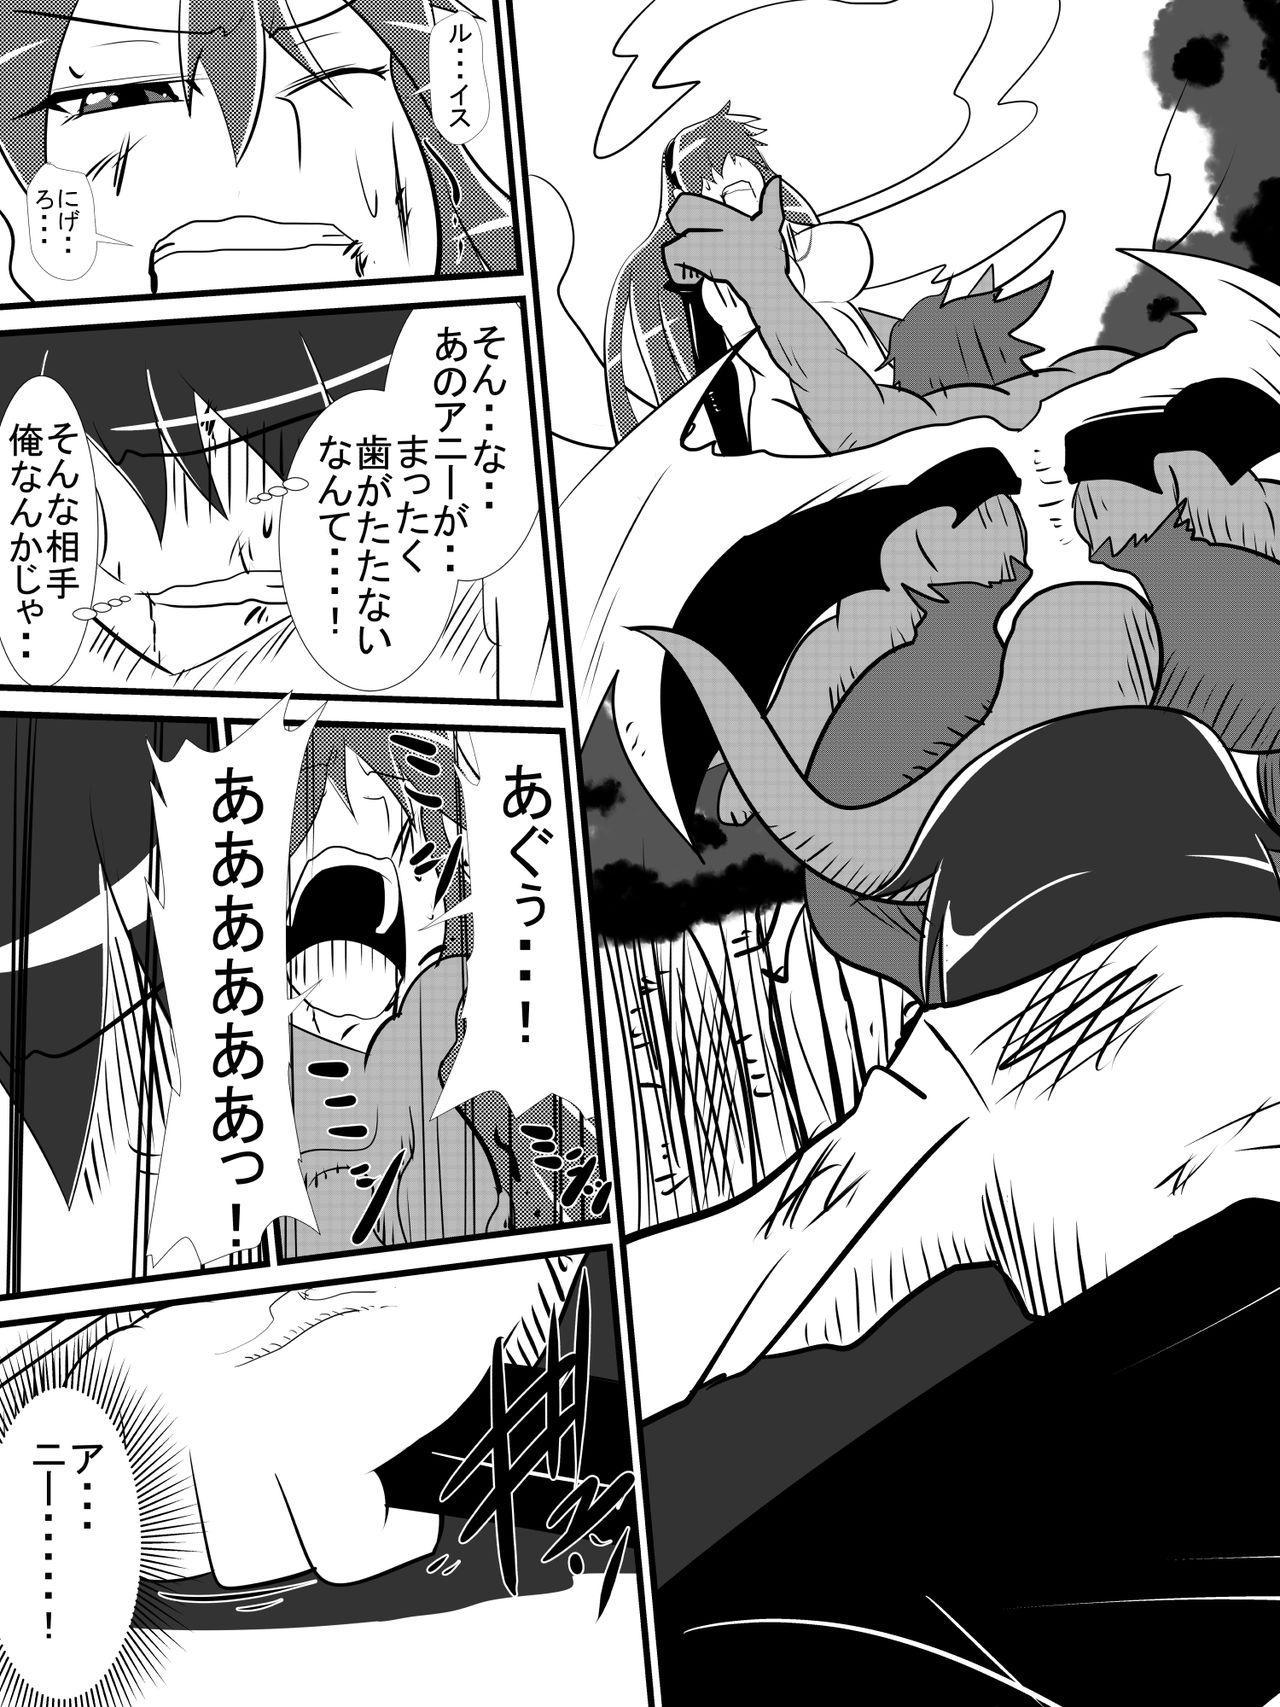 Osananajimi no Onna Kishi ga Oujo ni Naru Made Kouhen + Omake 2